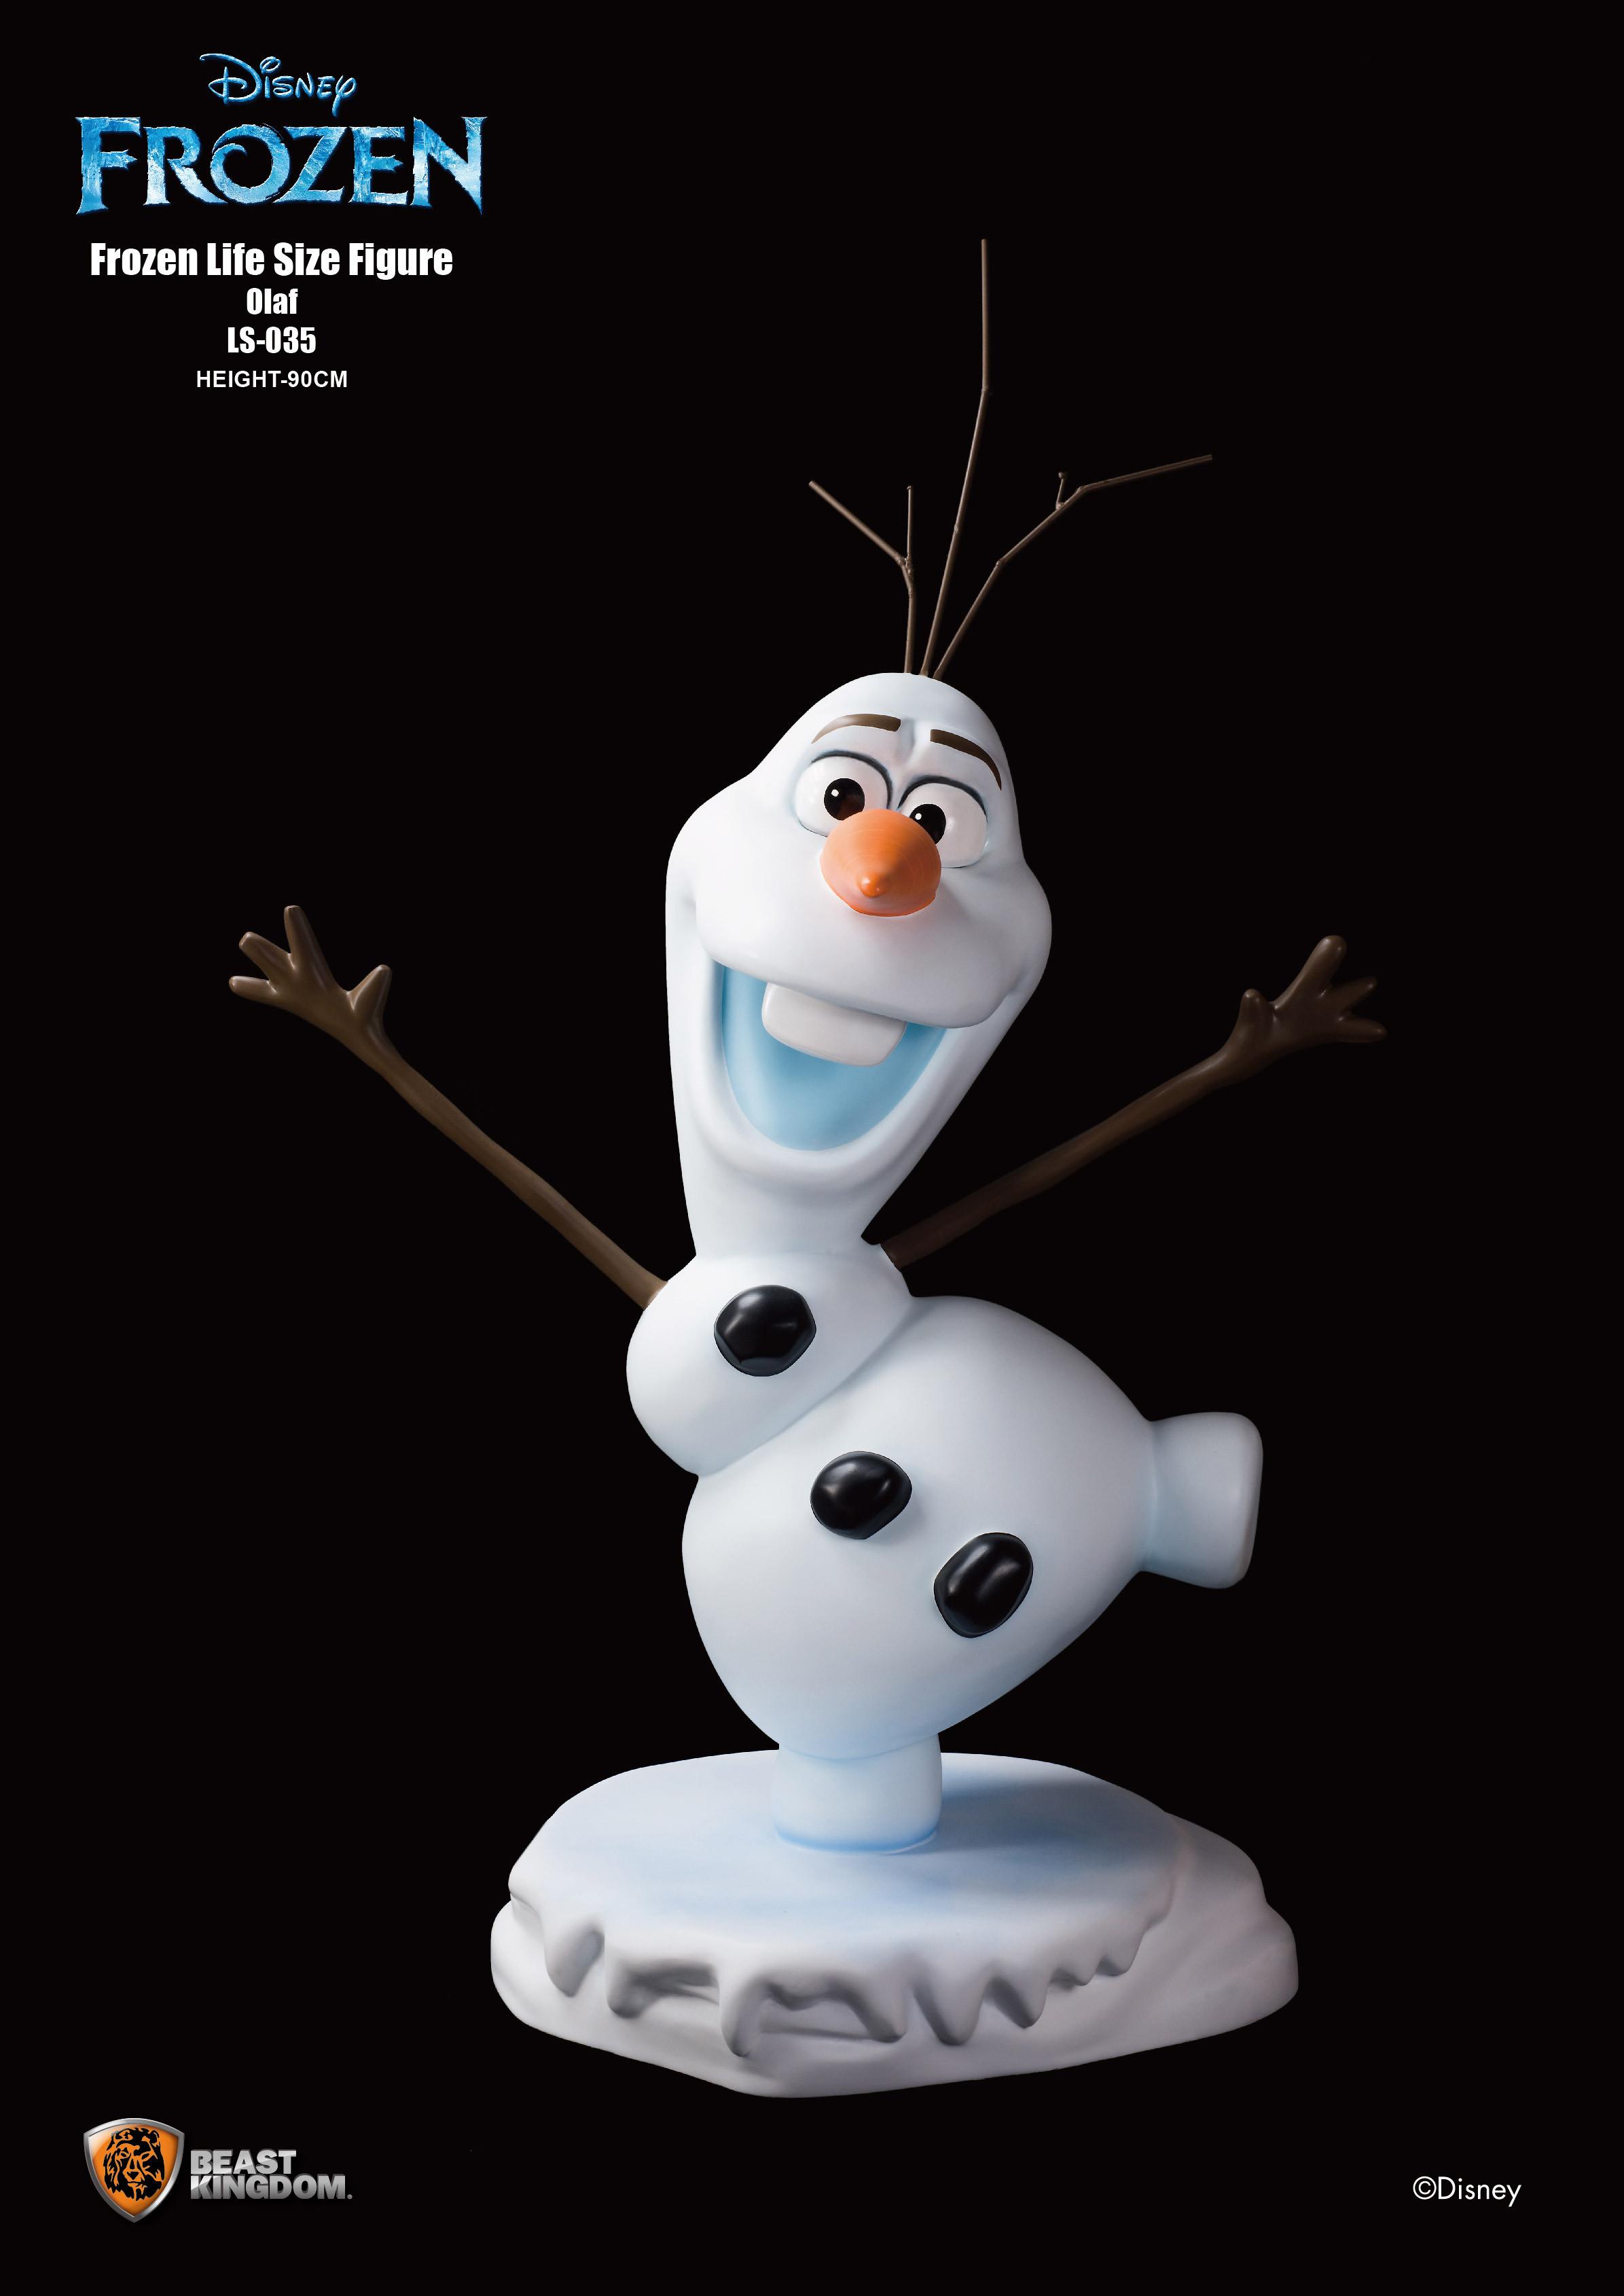 《冰雪奇缘》公主等身公仔真实呈现 脸部表情栩栩如生